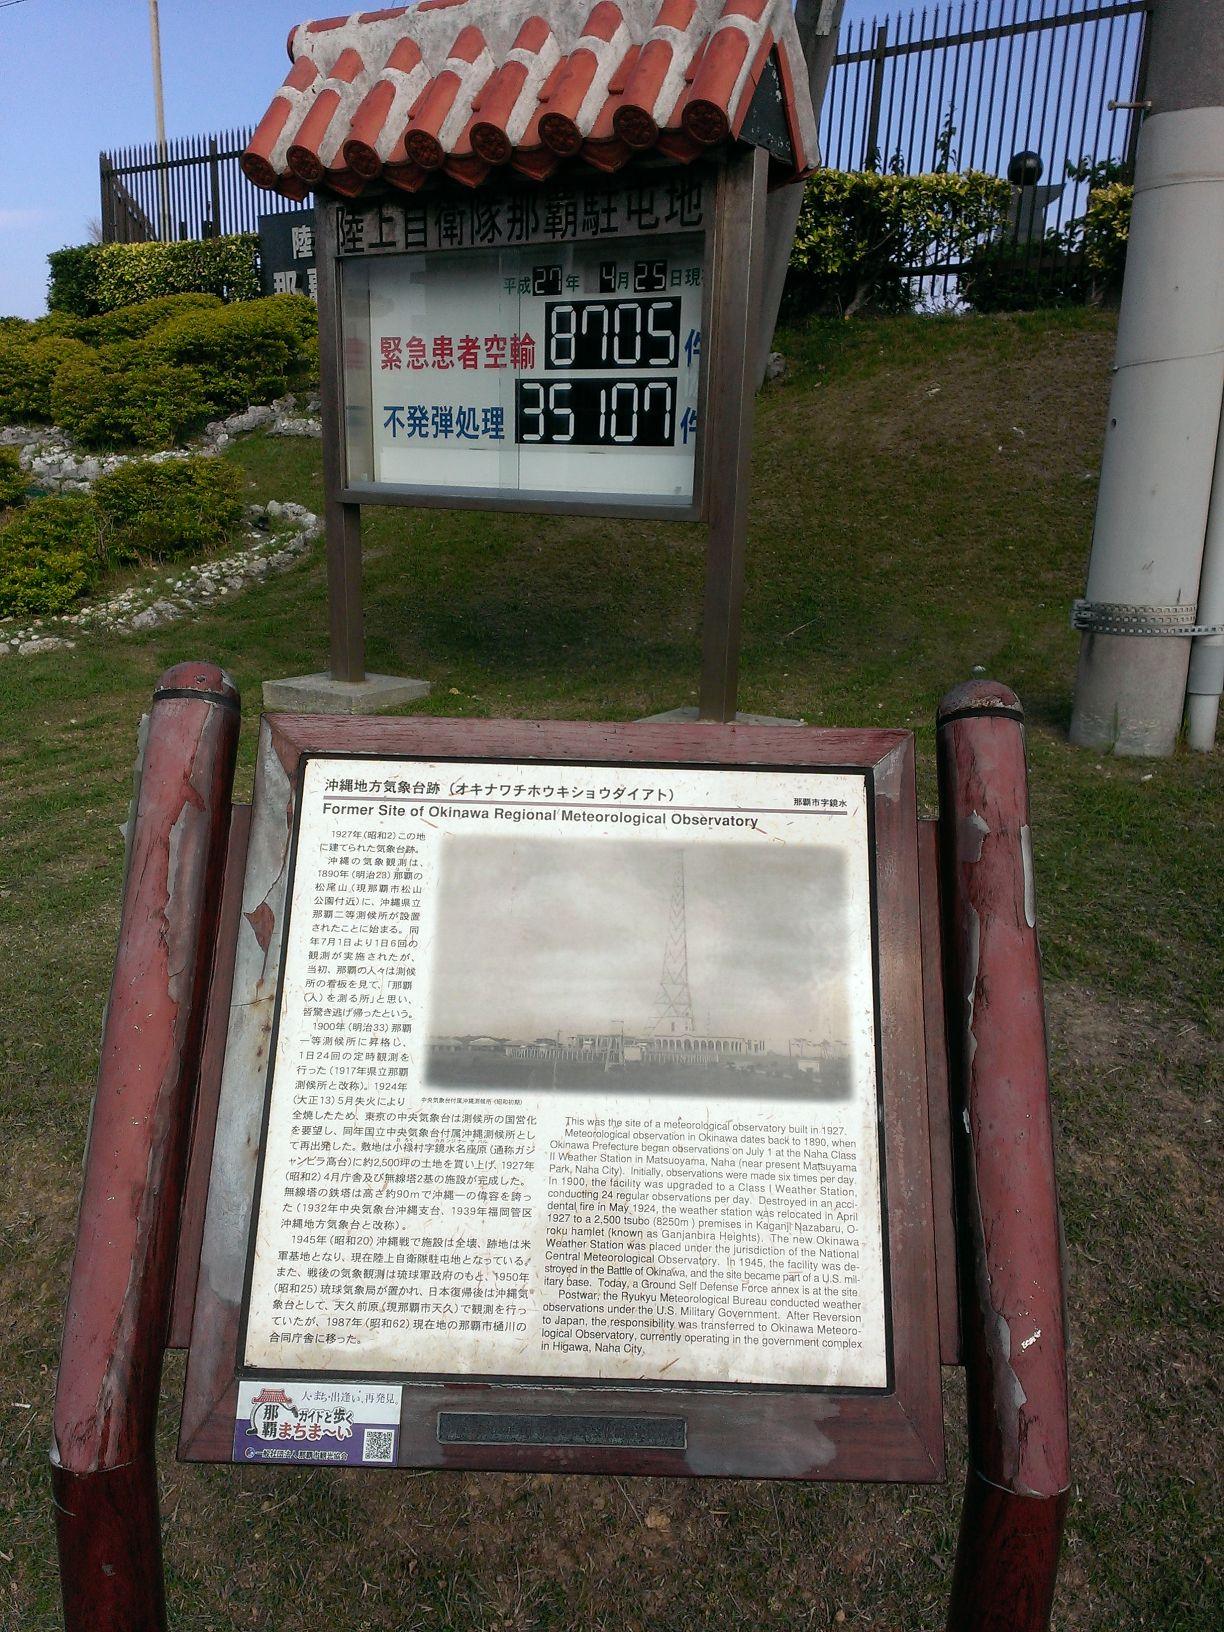 気象台 沖縄 琉球大学と沖縄気象台が包括的連携協定を締結しました